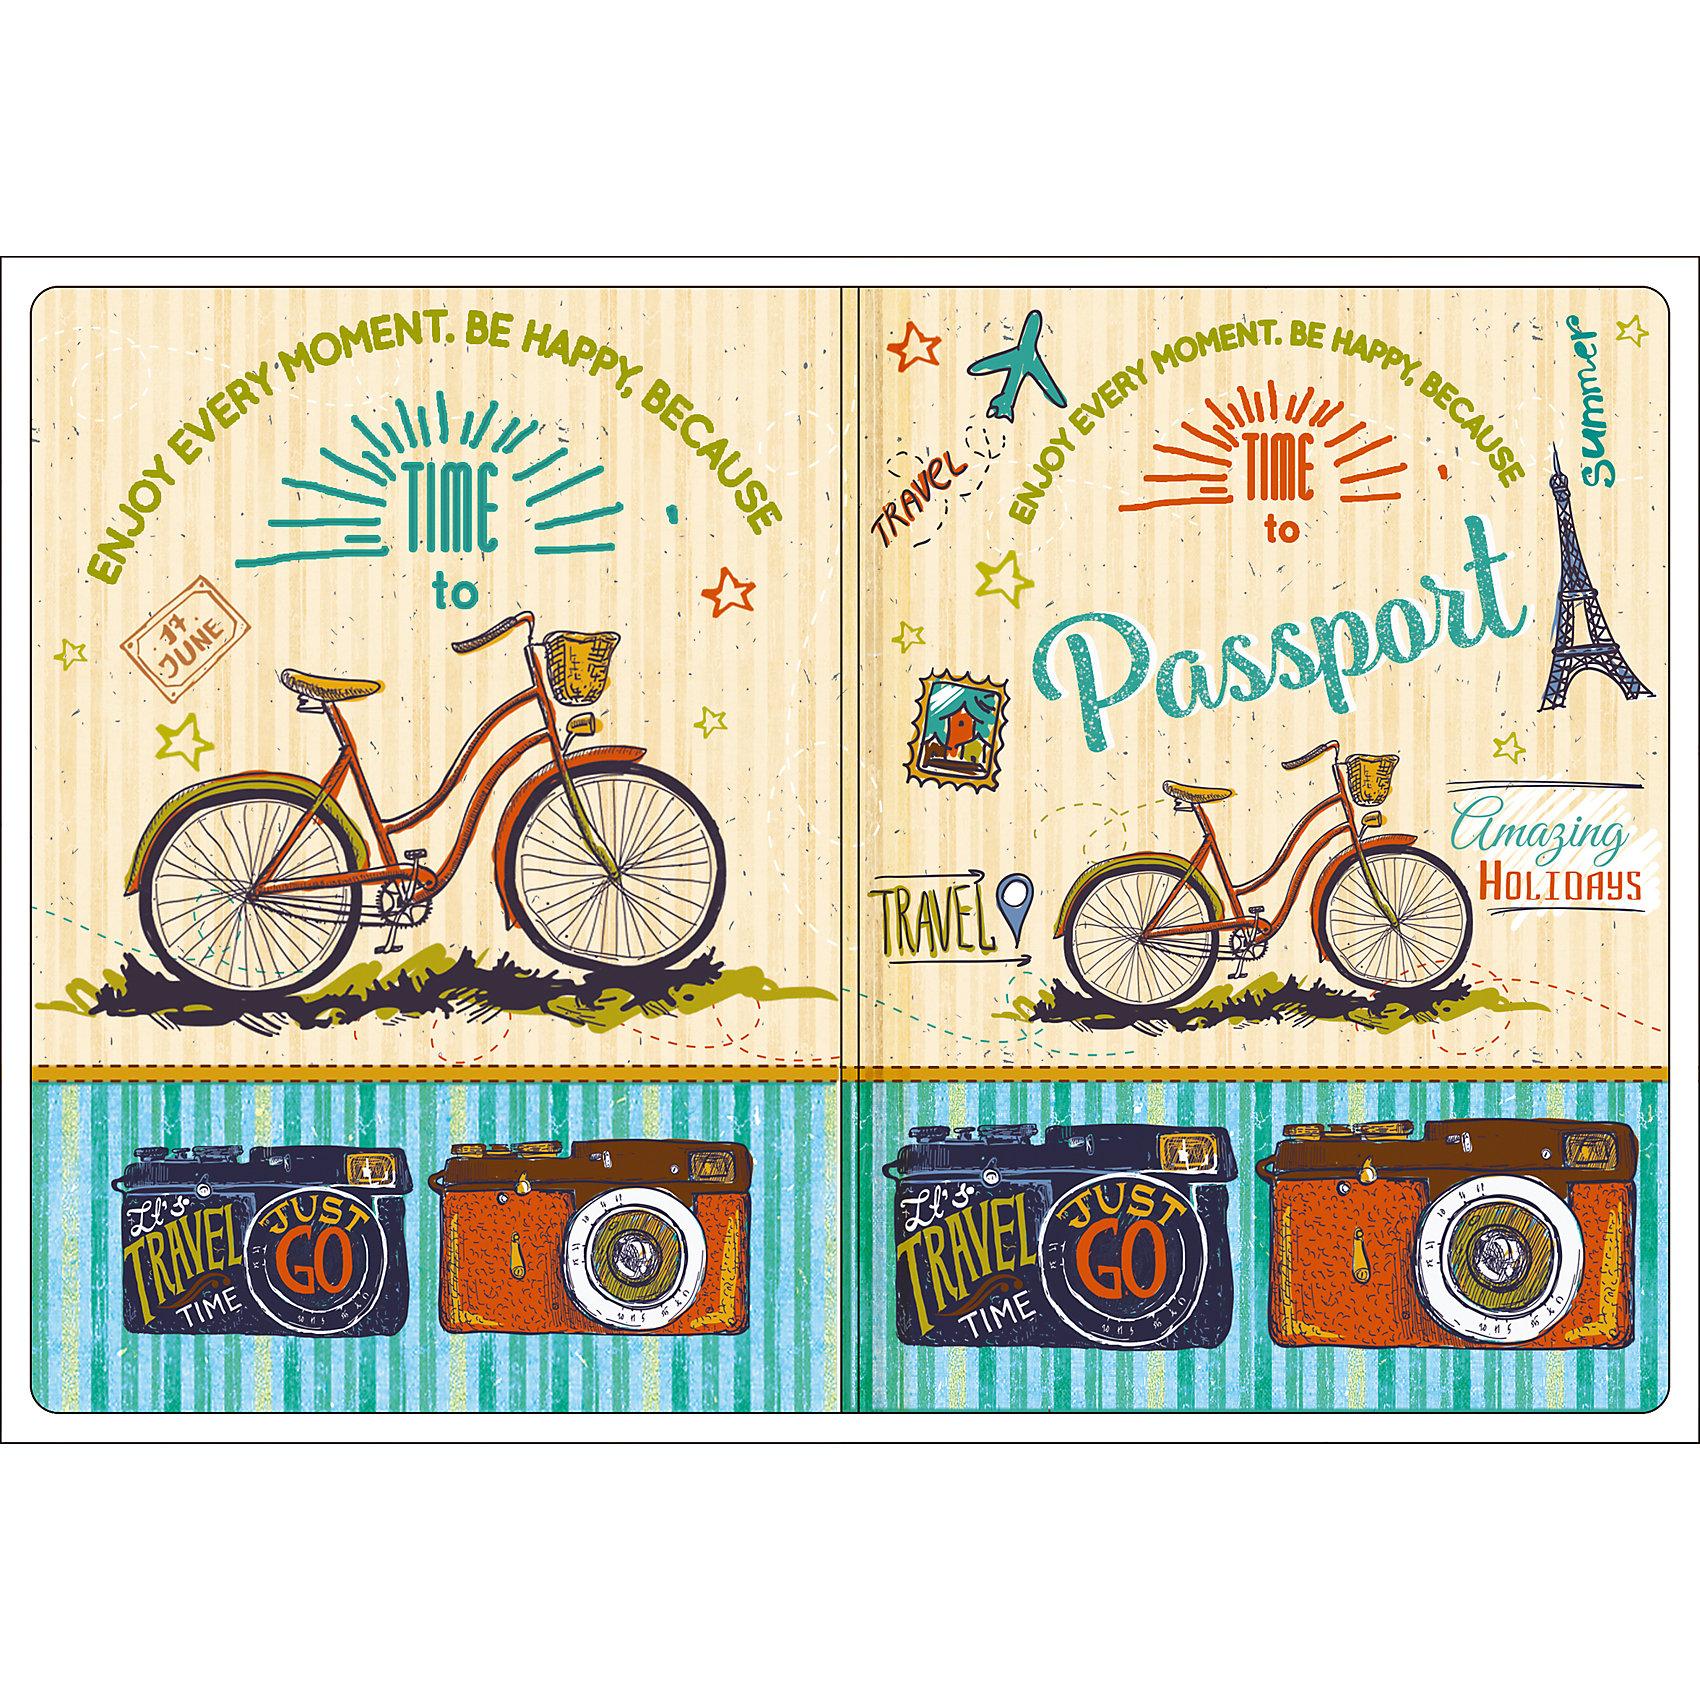 Обложка для паспорта Тревел байк, Феникс-ПрезентВ дорогу<br>Обложка для паспорта Тревел байк, Феникс-Презент<br><br>Характеристики:<br><br>• оригинальный дизайн<br>• высокая прочность<br>• размер: 13,3х19,1 см<br>• материал: ПВХ<br><br>Оригинальная обложка для паспорта всегда будет радовать вас своей красотой. Кроме того, она подойдет в качестве подарка. Обложка Тревел байк изготовлена из качественного прочного ПВХ, устойчивого к износу. На обложке изображены велосипеды и фотоаппараты - всё необходимое для спортивного путешествия..<br><br>Обложку для паспорта Тревел байк, Феникс-Презент вы можете купить в нашем интернет-магазине.<br><br>Ширина мм: 133<br>Глубина мм: 191<br>Высота мм: 50<br>Вес г: 31<br>Возраст от месяцев: 168<br>Возраст до месяцев: 2147483647<br>Пол: Унисекс<br>Возраст: Детский<br>SKU: 5449588